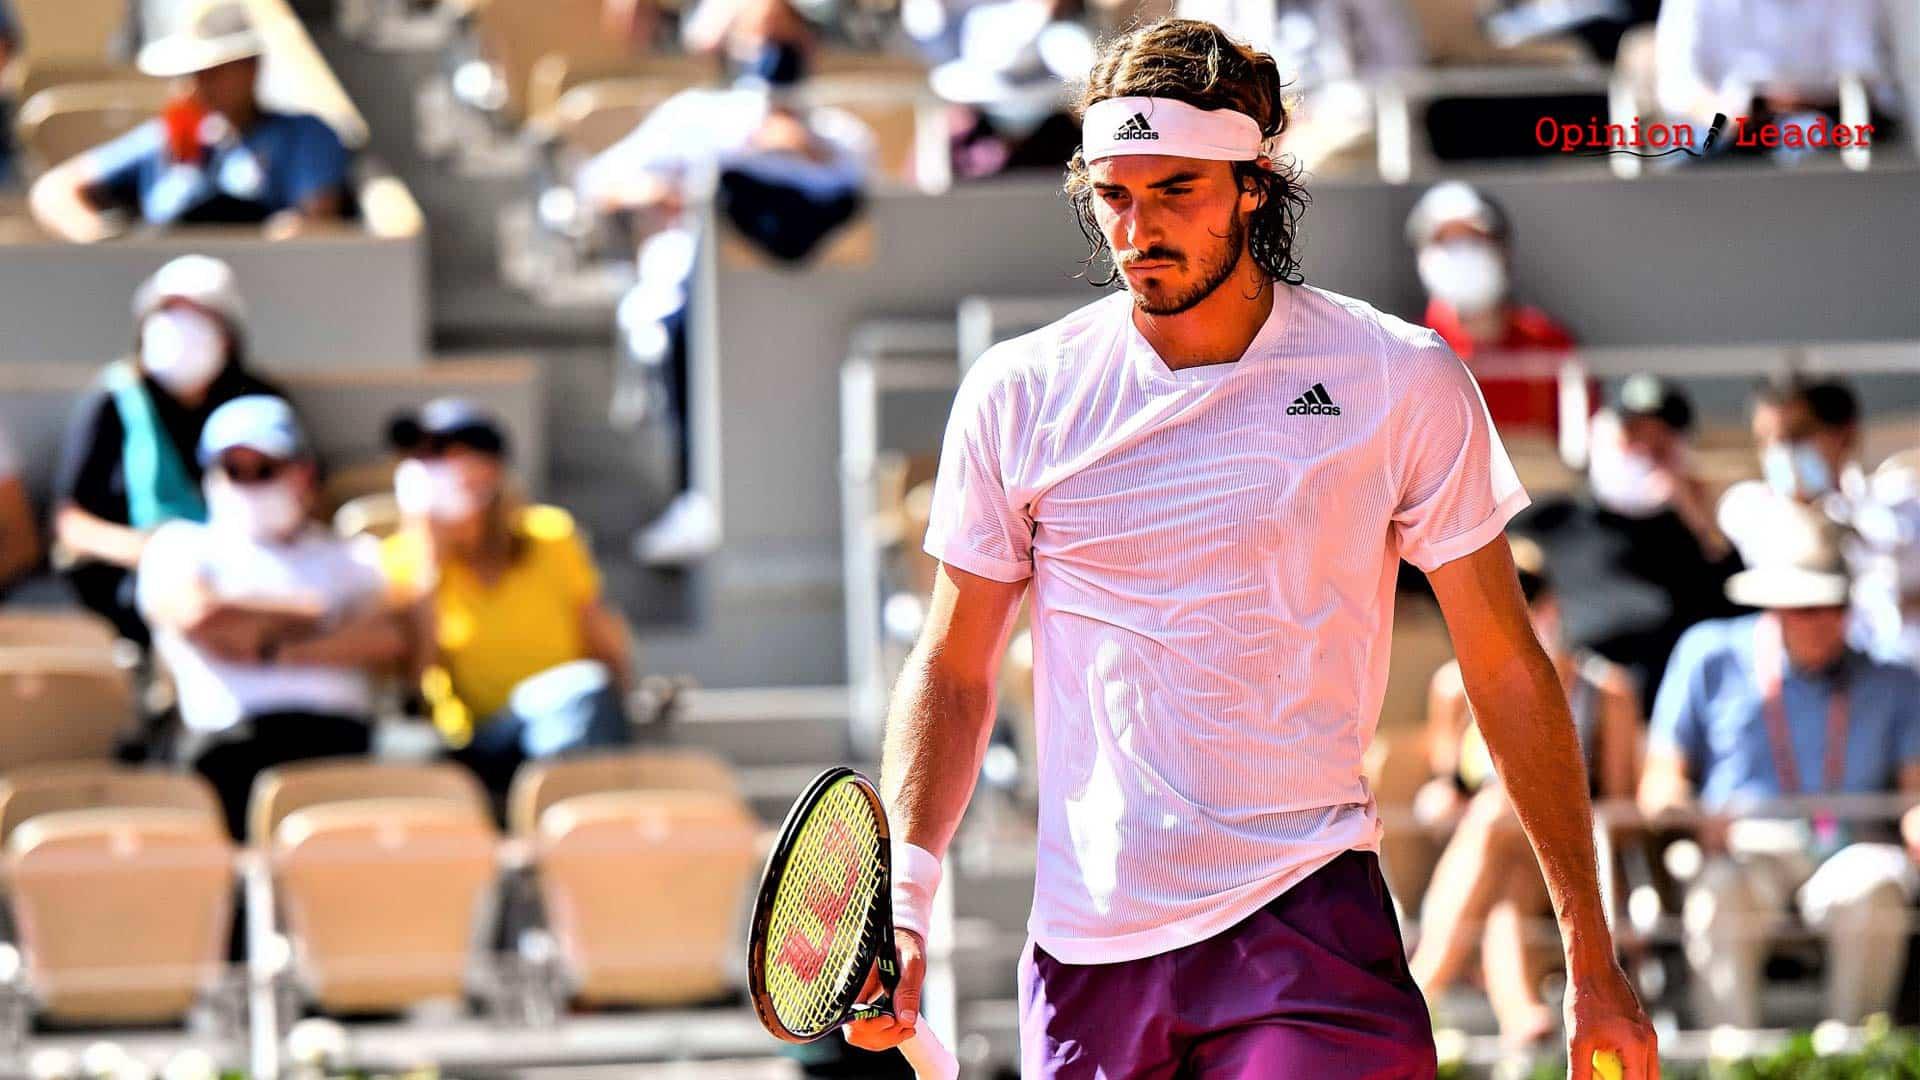 Στέφανος Τσιτσιπάς: Στον τελικό του Roland Garros